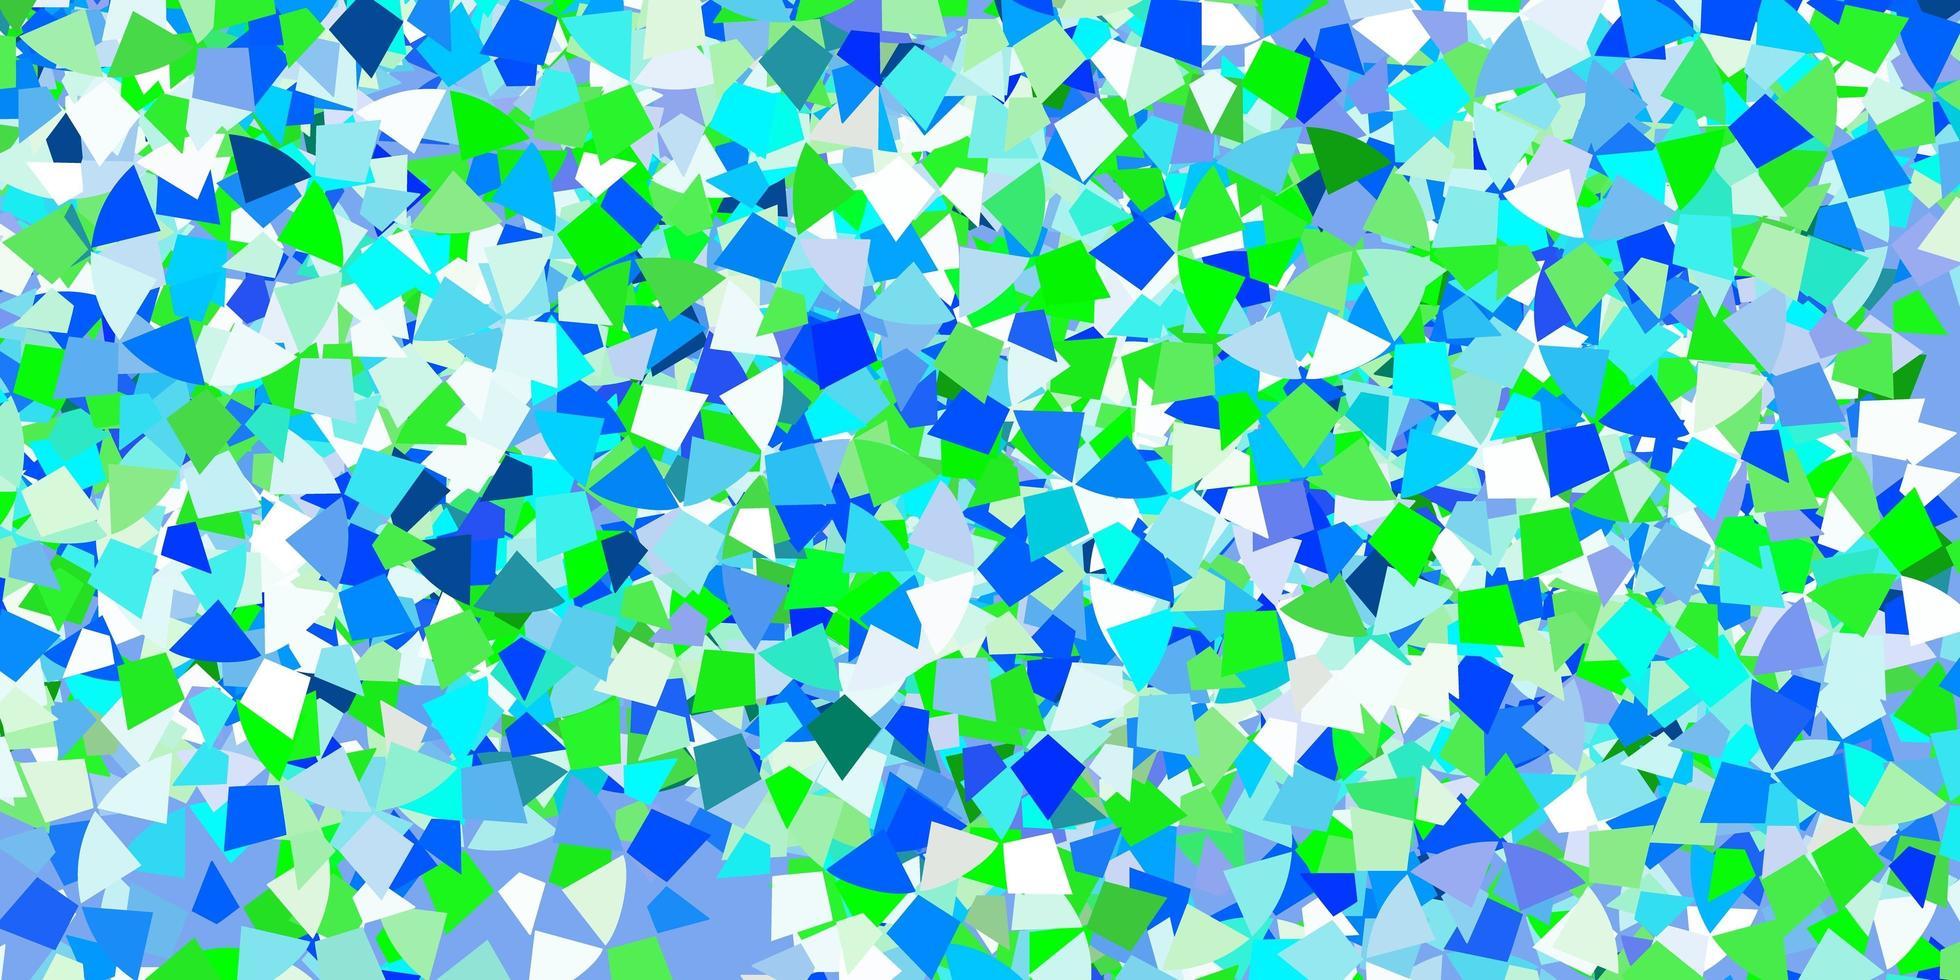 struttura di vettore blu chiaro con stile triangolare.